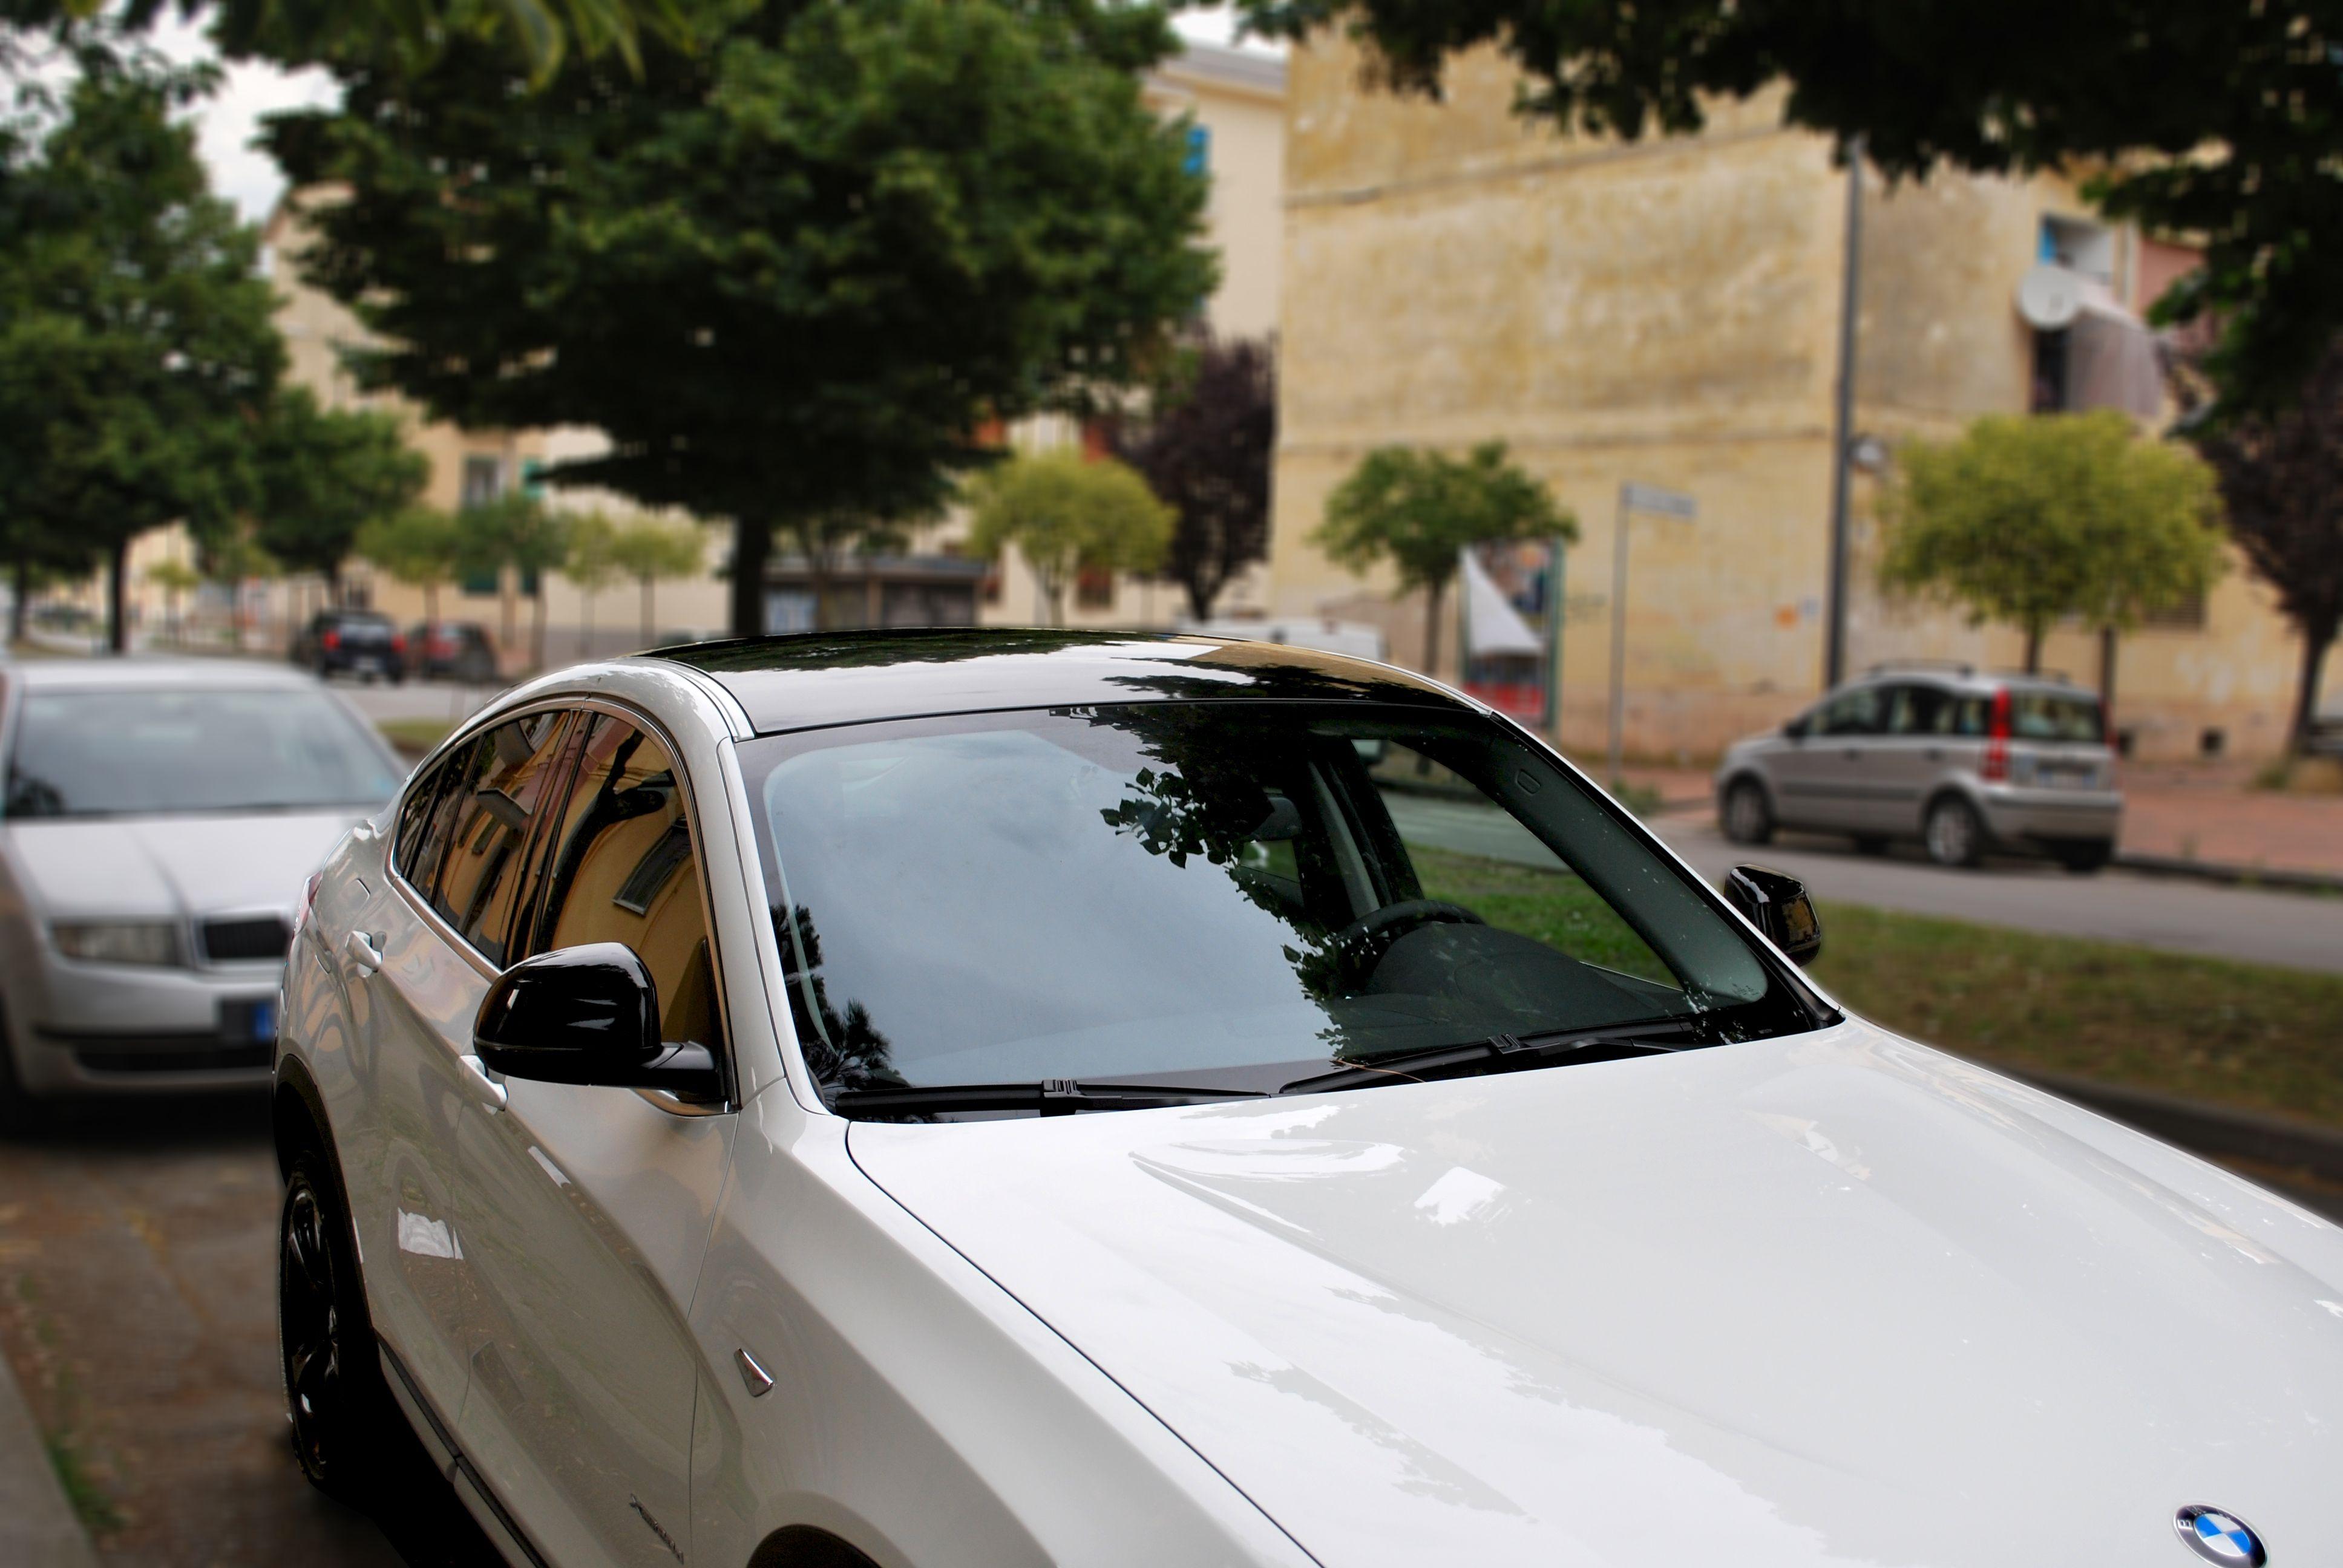 bmw x4 - wrapping tettuccio e specchietti in nero lucido. santorografica effettua anche il wrapping di singole parti della vostra autovettura con pellicole specifiche per il wrapping e garantite. visita: http://www.santorografica.com/car-wrapping.php  verticals: wrapping specchietto, wrapping tettuccio, wrapping paraurti, wrapping cofano, wrapping portabagagli